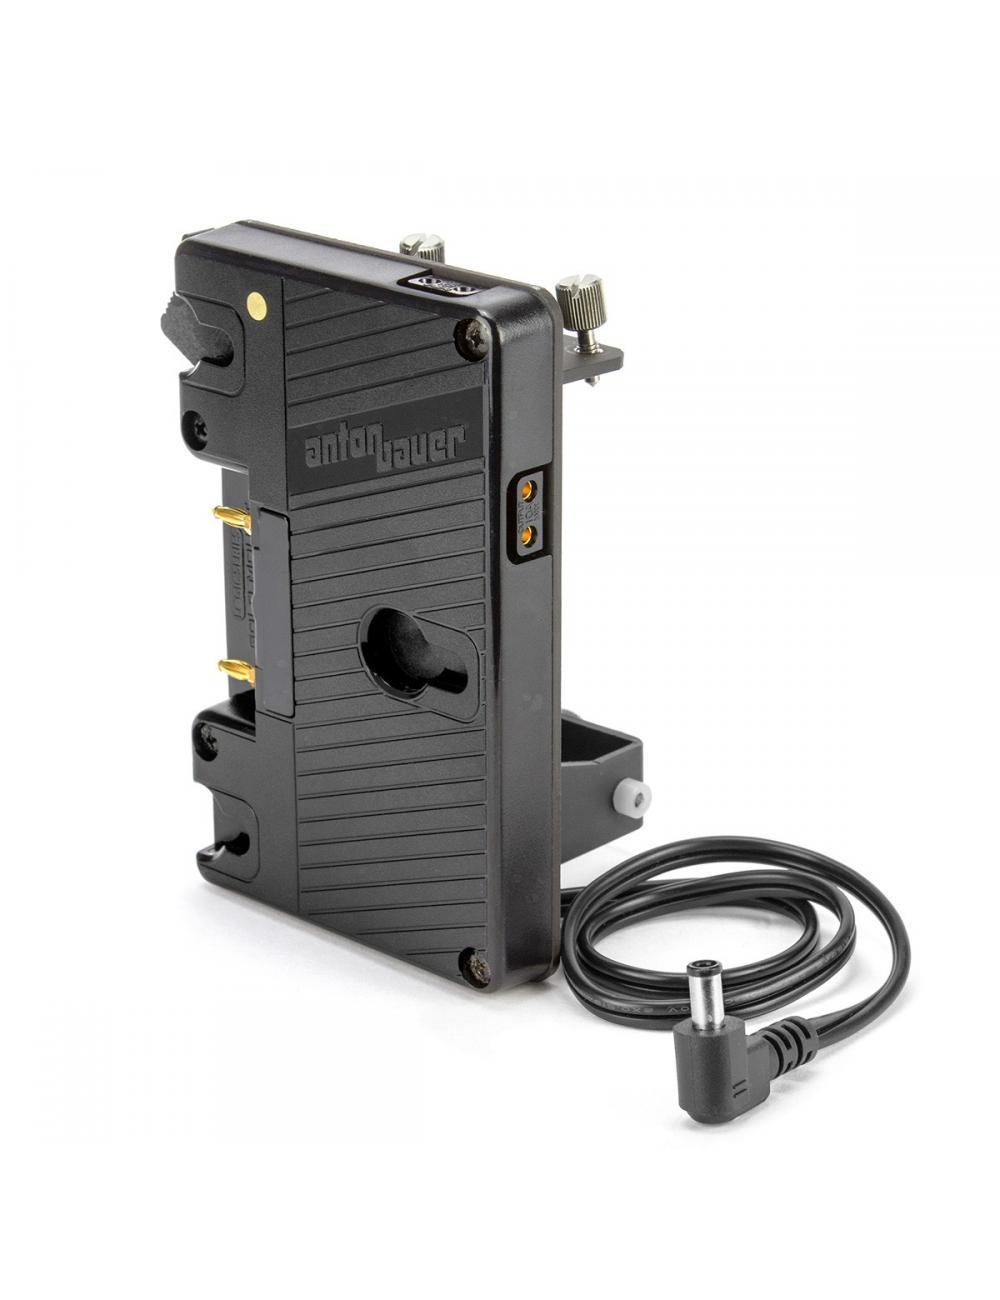 Anton Bauer - Adaptador de baterías QRC-FS7